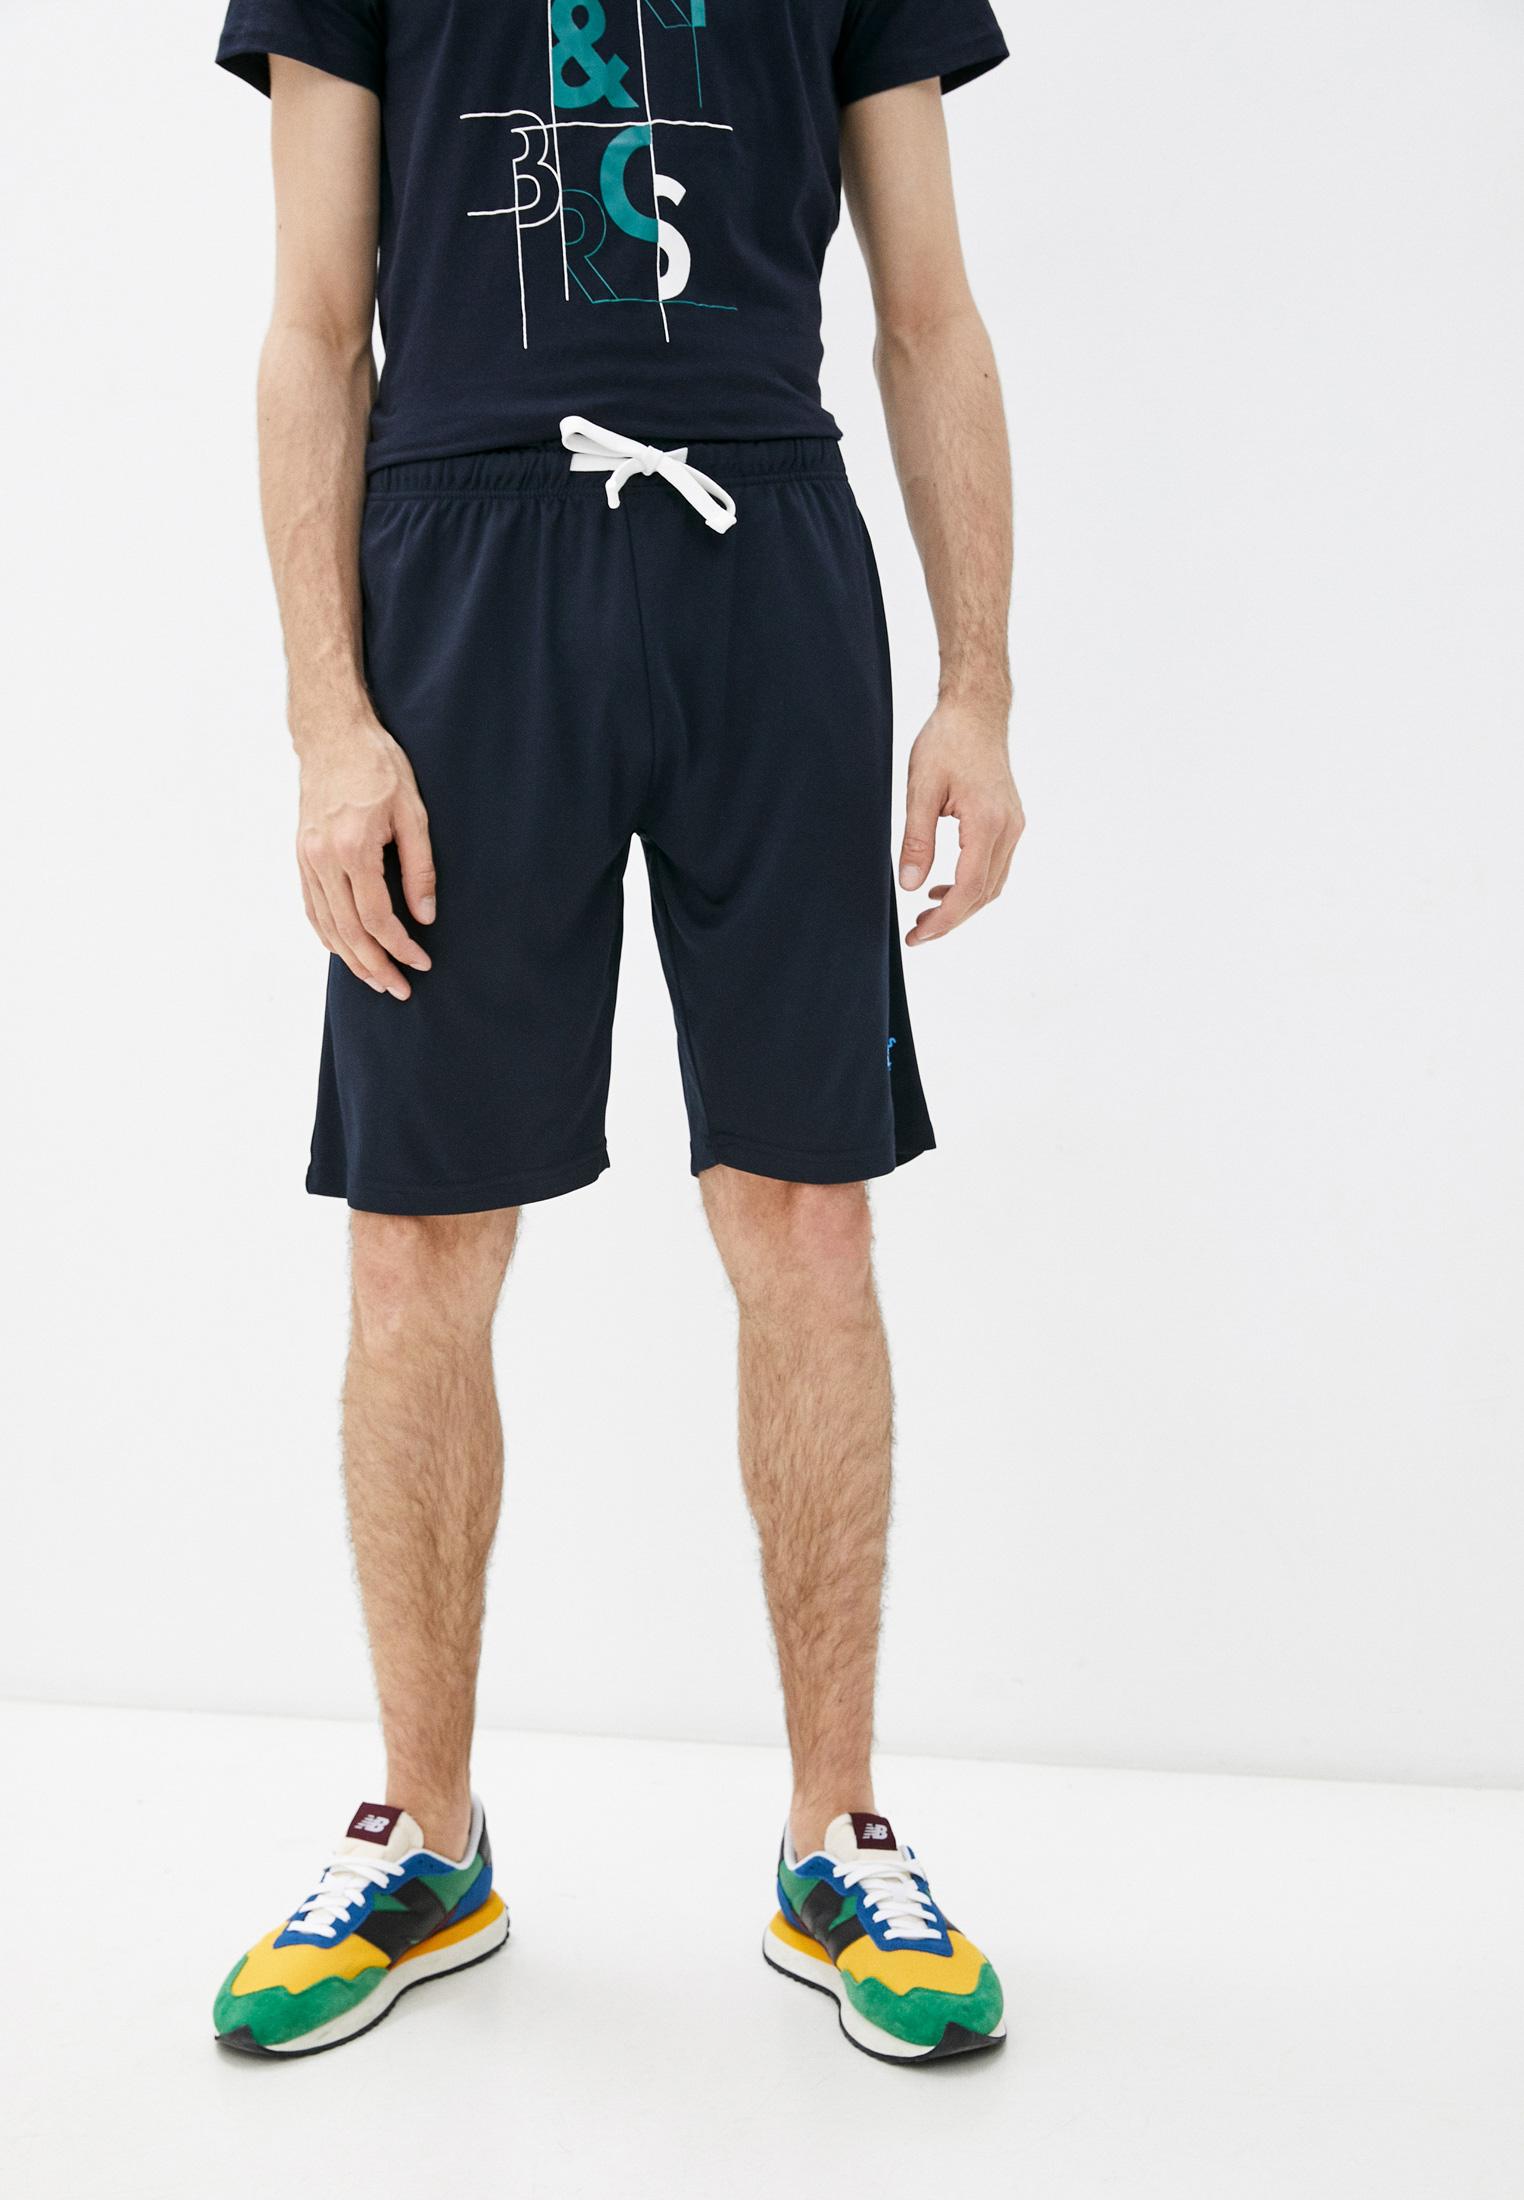 Мужские повседневные шорты OVS Шорты спортивные OVS